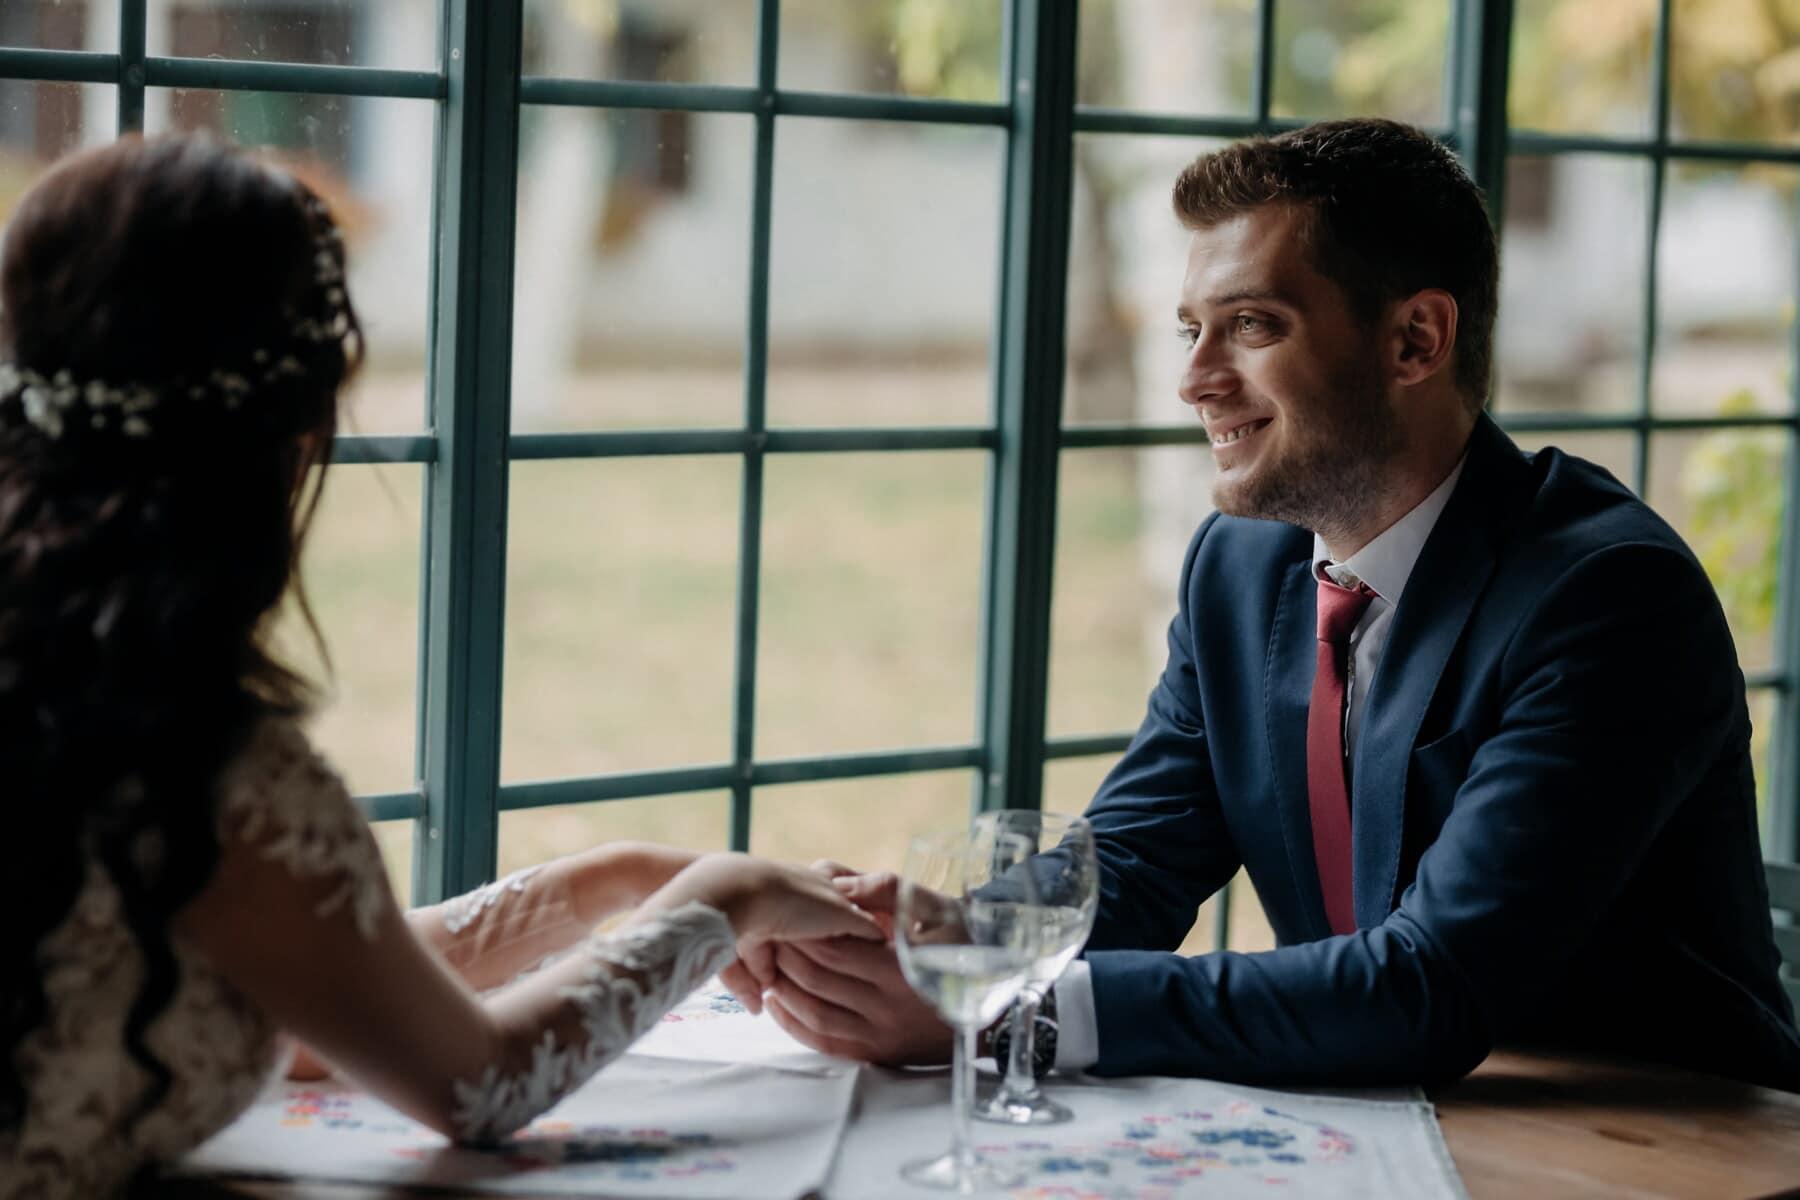 tuan, tampan, tersenyum, pertemuan cinta, berpegangan tangan, Restoran, romantis, Makan Siang, Rapat, Pengusaha